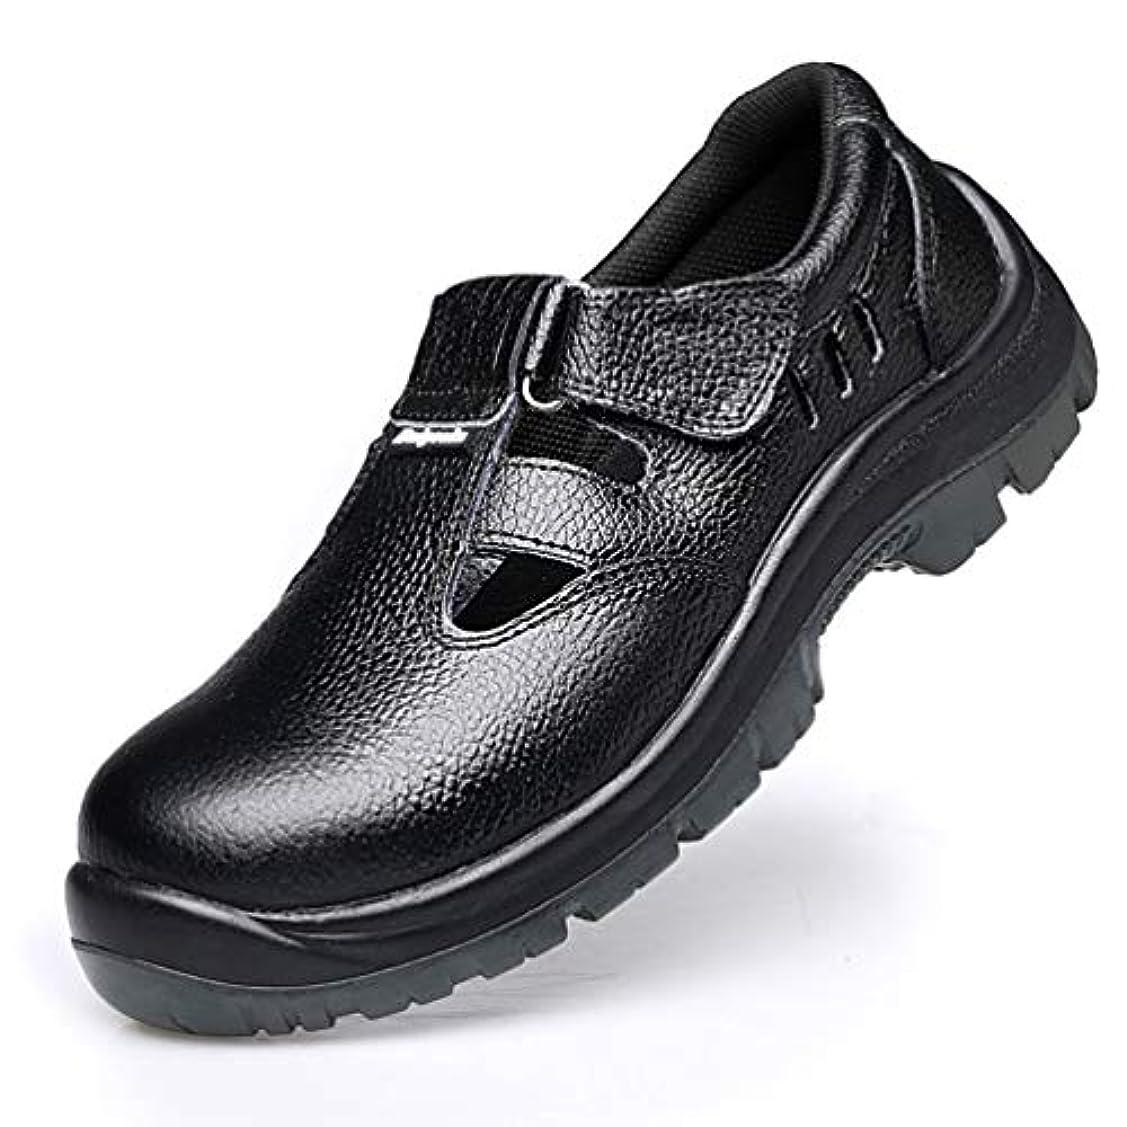 対抗グッゲンハイム美術館湾安全靴 作業靴 サンダル ワークシューズ メンズ 小さいイサイズ 通気性抜群 マジックタイプ つま先保護プレート パンチング加工 防刺 抗菌 防臭 疲れにくい 衝撃吸収 ノンスリップ カジュアル シンプル